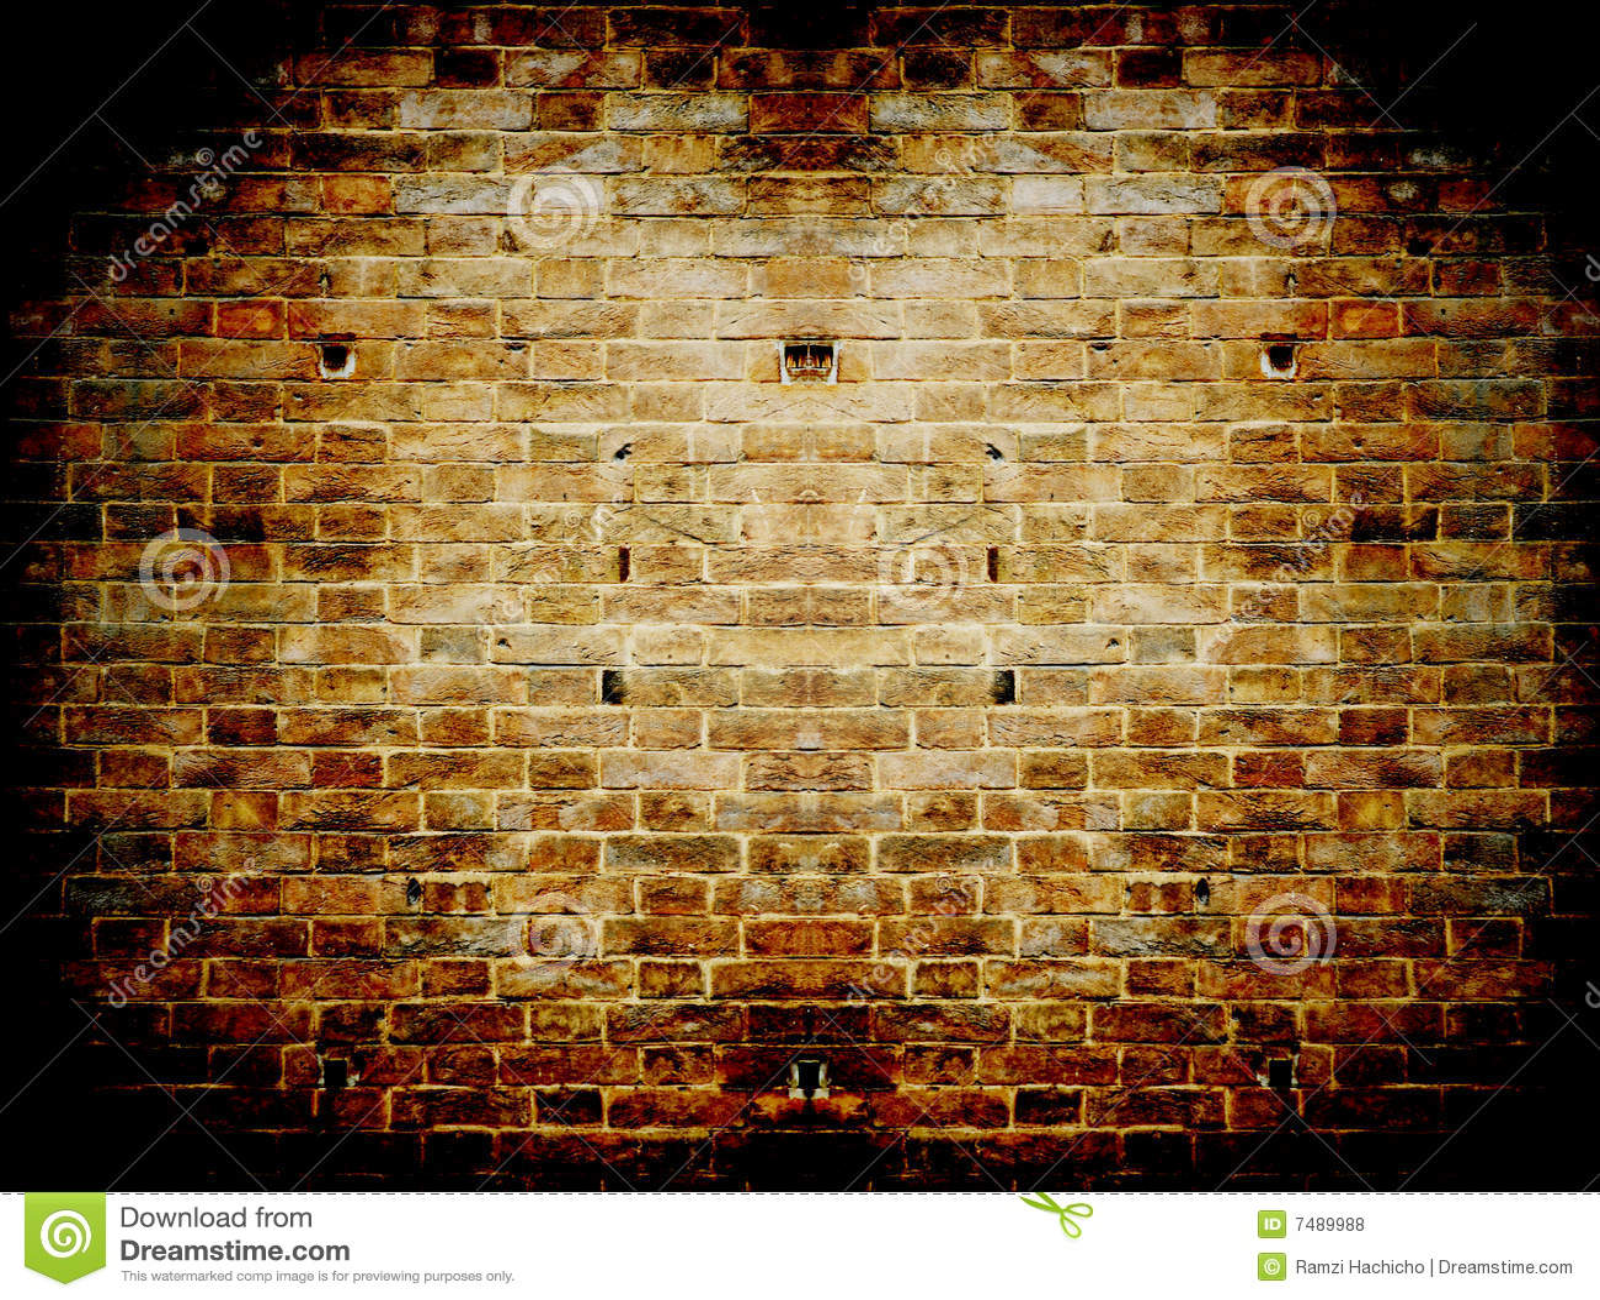 Exterior Wall Decor